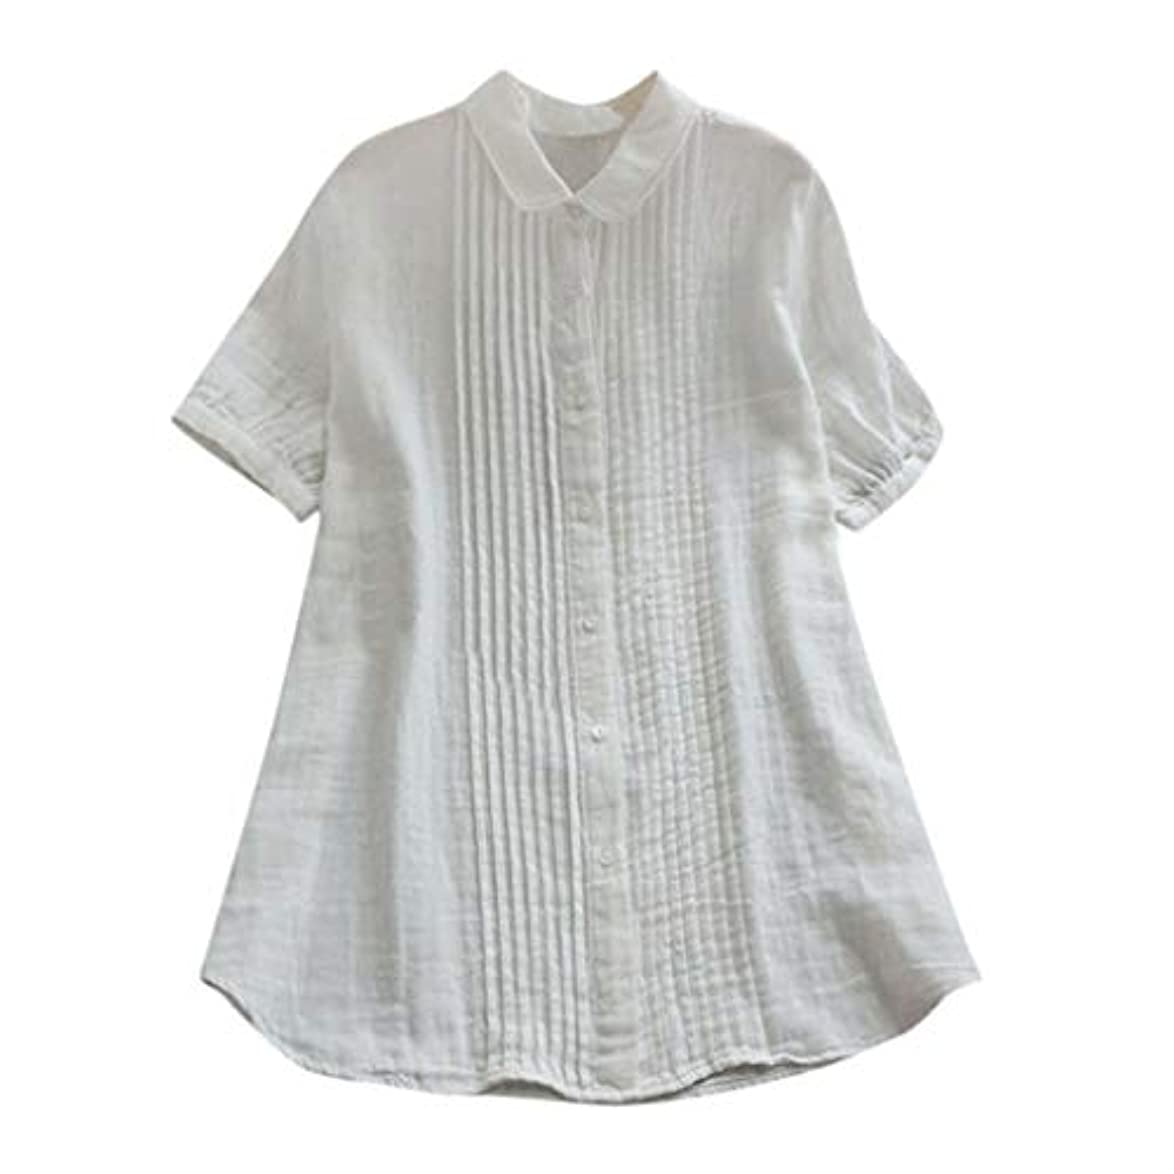 聡明農村投げる女性の半袖Tシャツ - ピーターパンカラー夏緩い無地カジュアルダウントップスブラウス (白, XL)